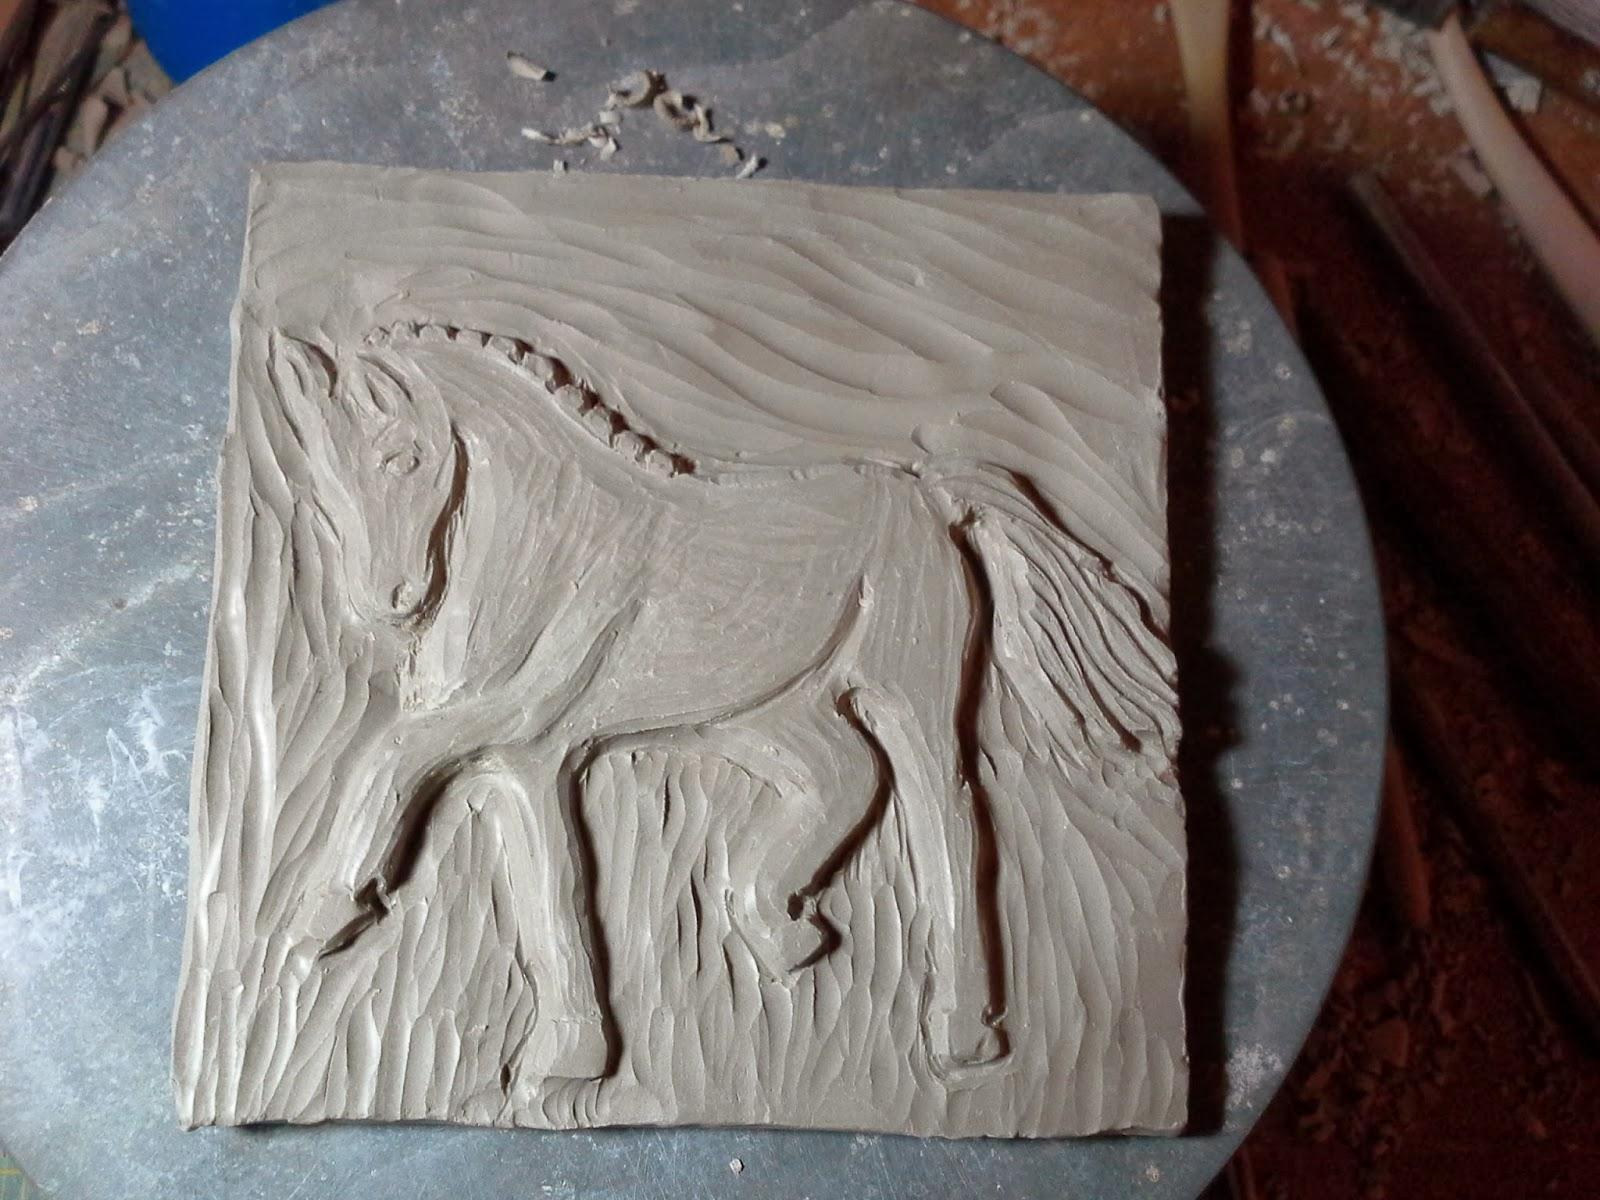 Combat medic to ceramic artist horse treasure box part i